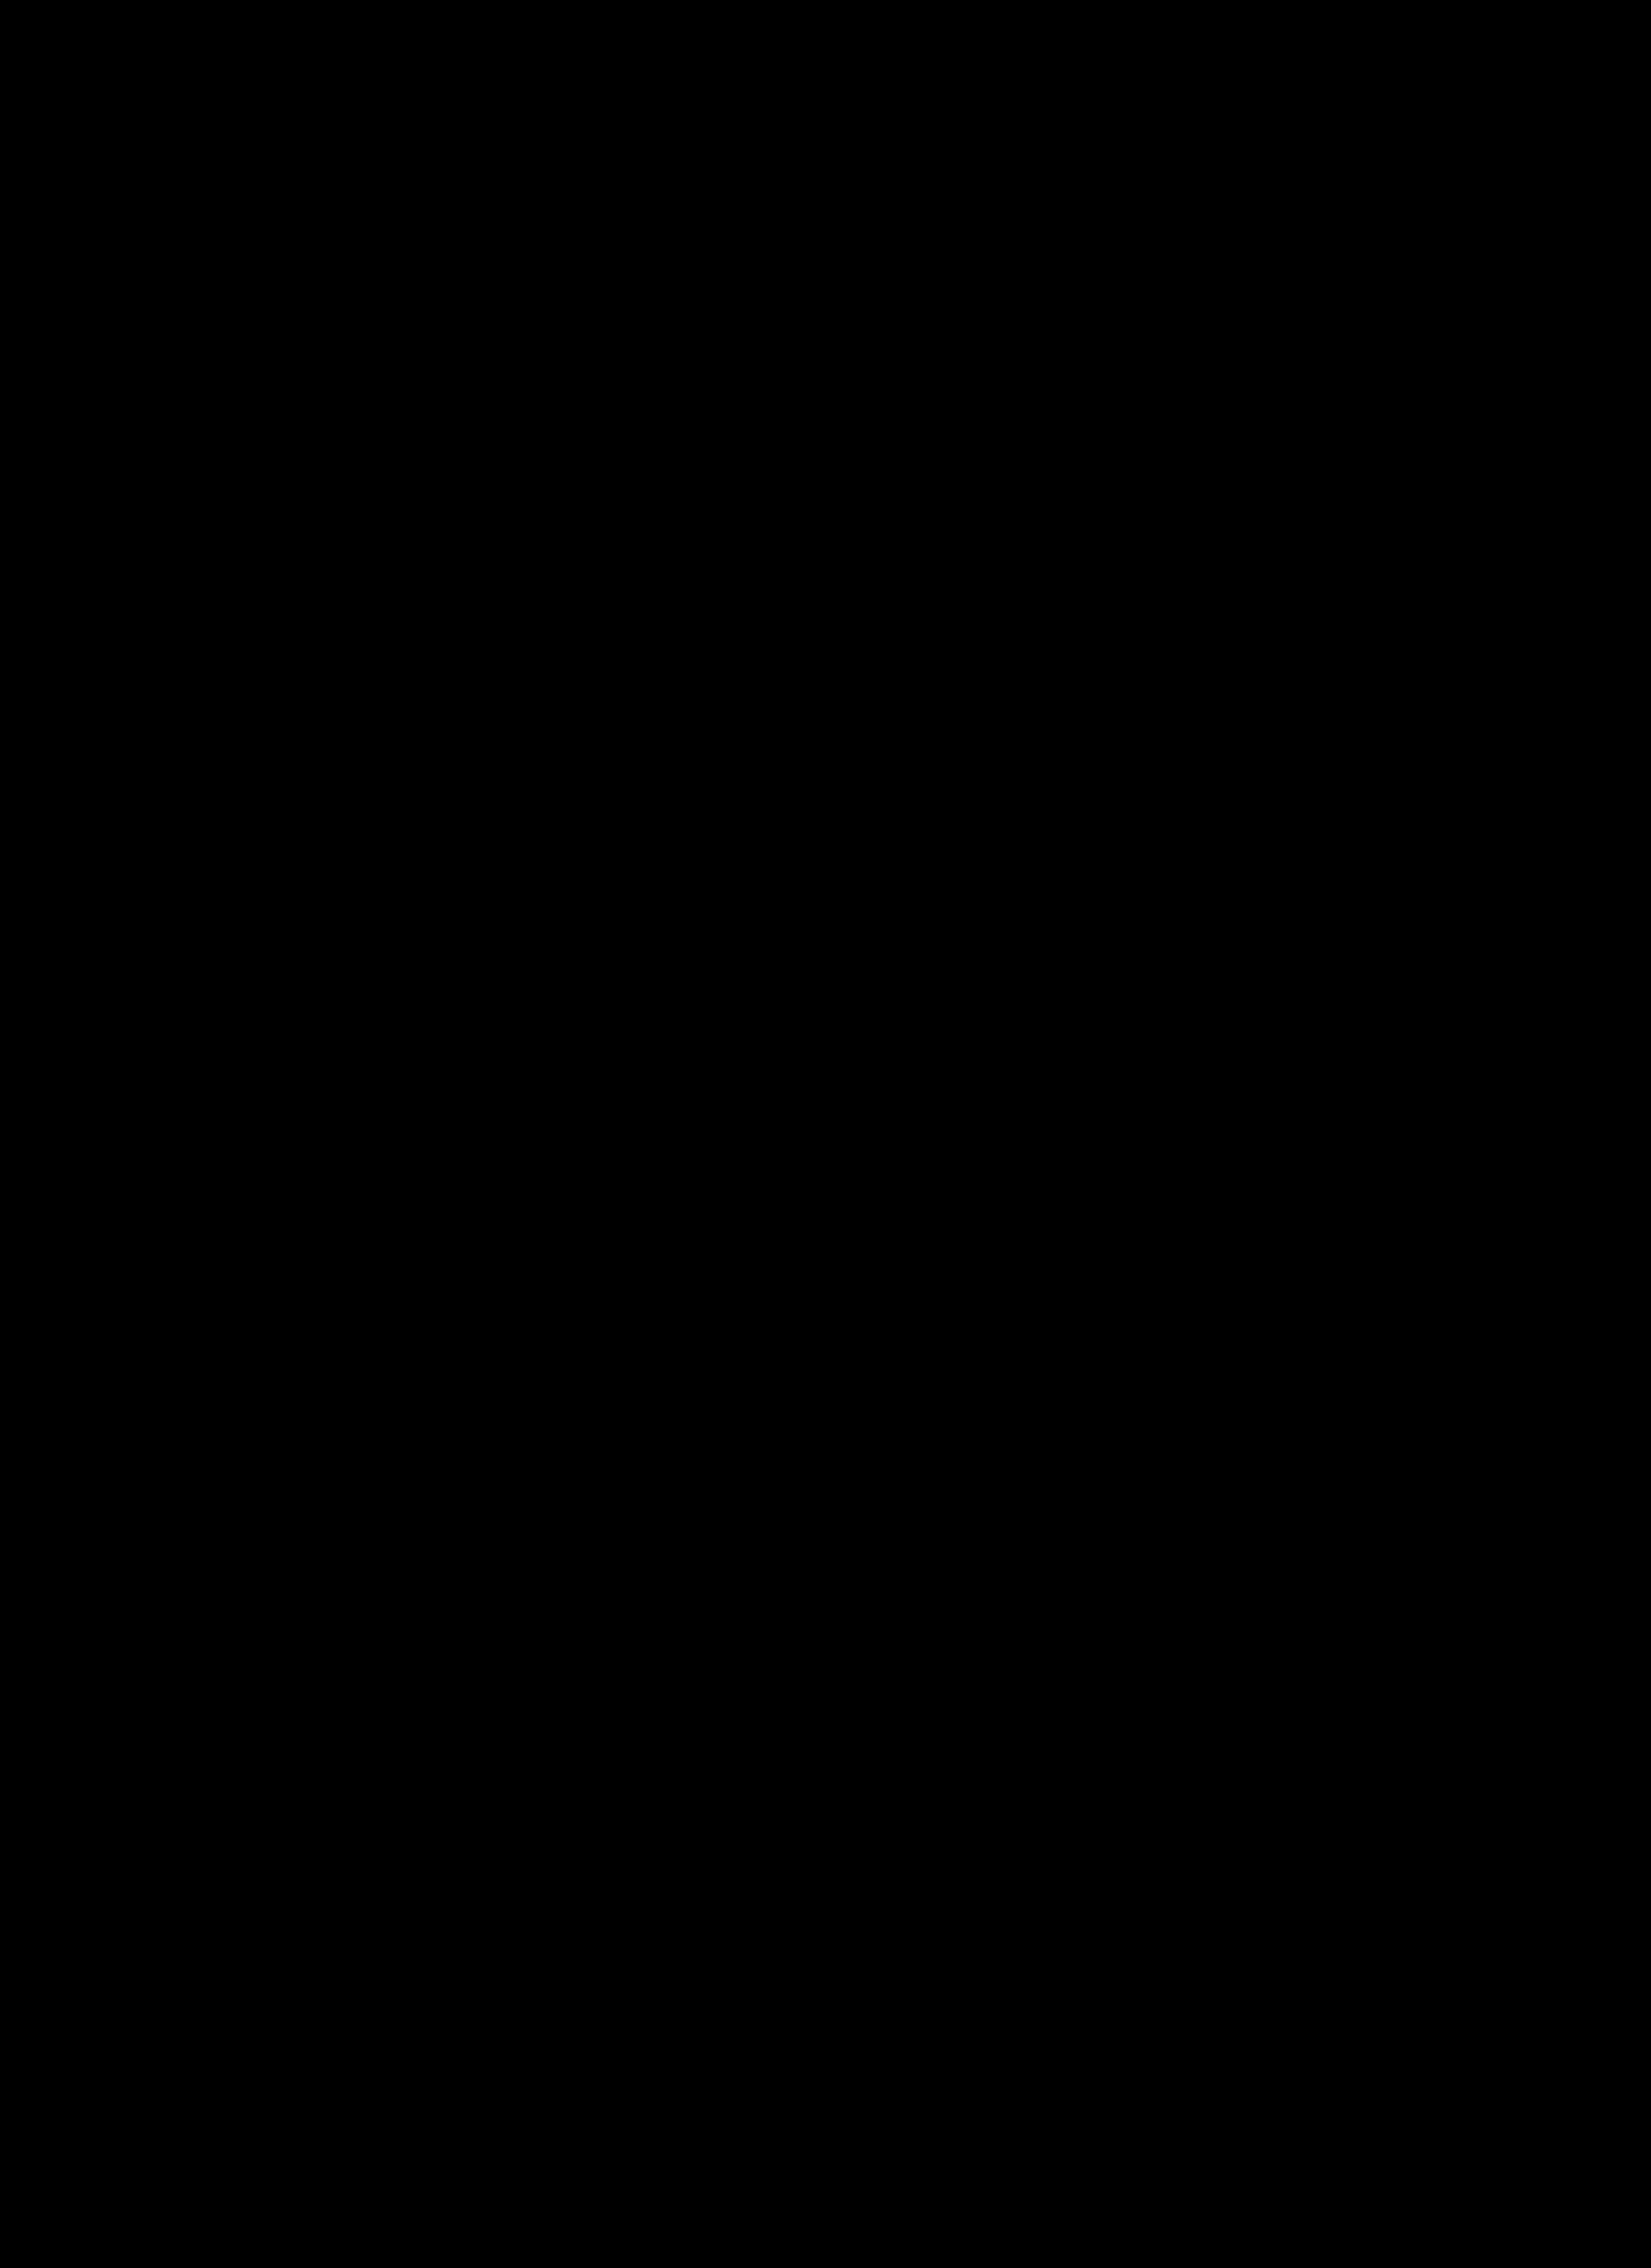 Bicep Silhouette by GDJ